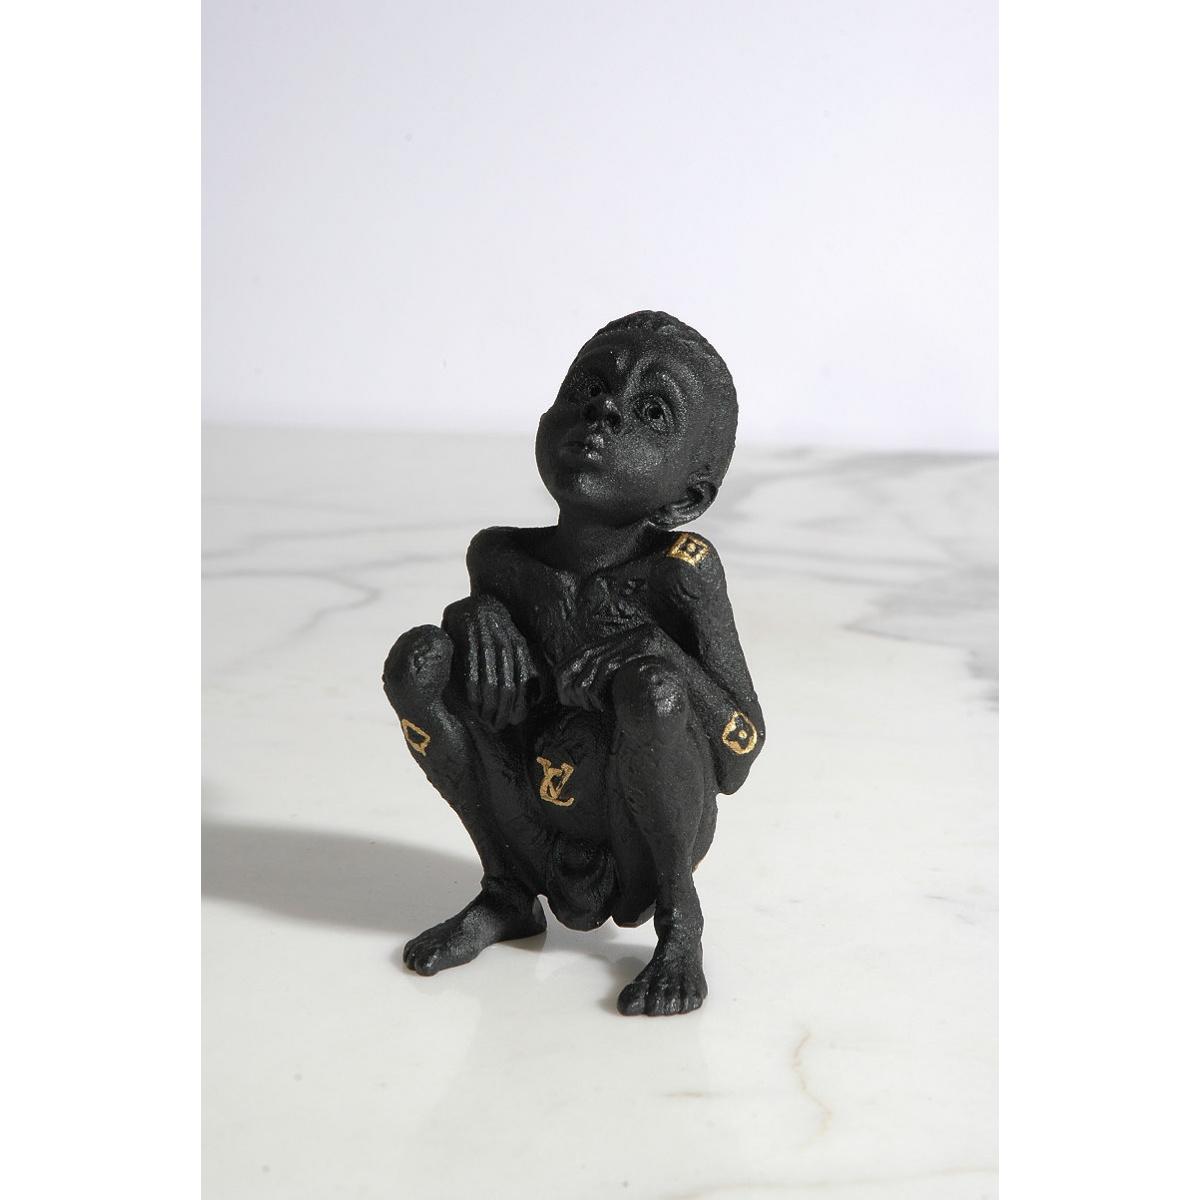 LV-Child von Beejoir als Skulptur online kaufen bei FancyPics